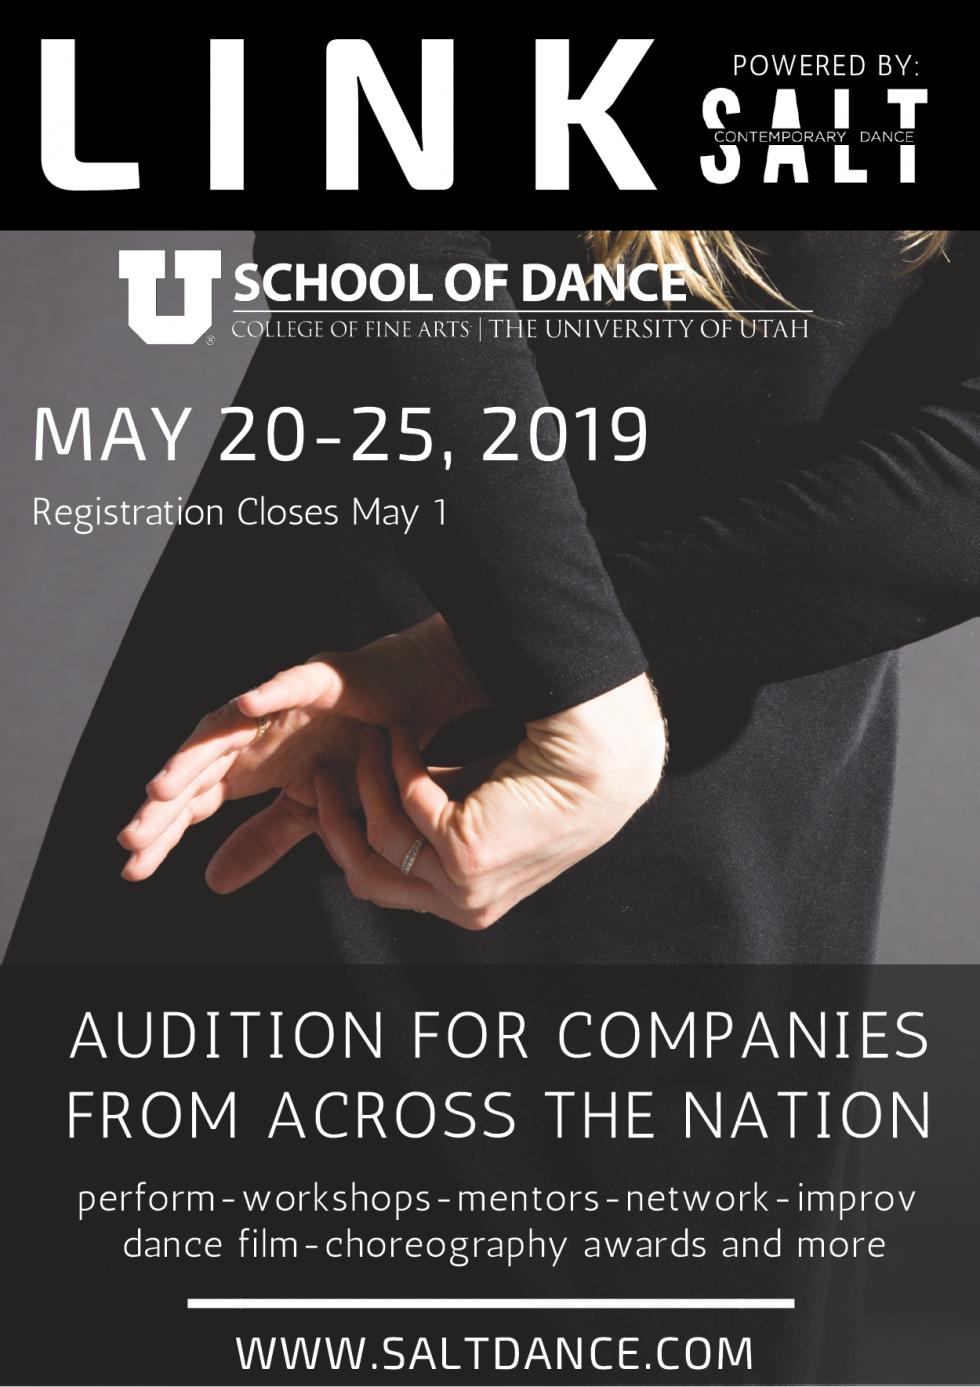 School of Dance, University of Utah - The School of Dance